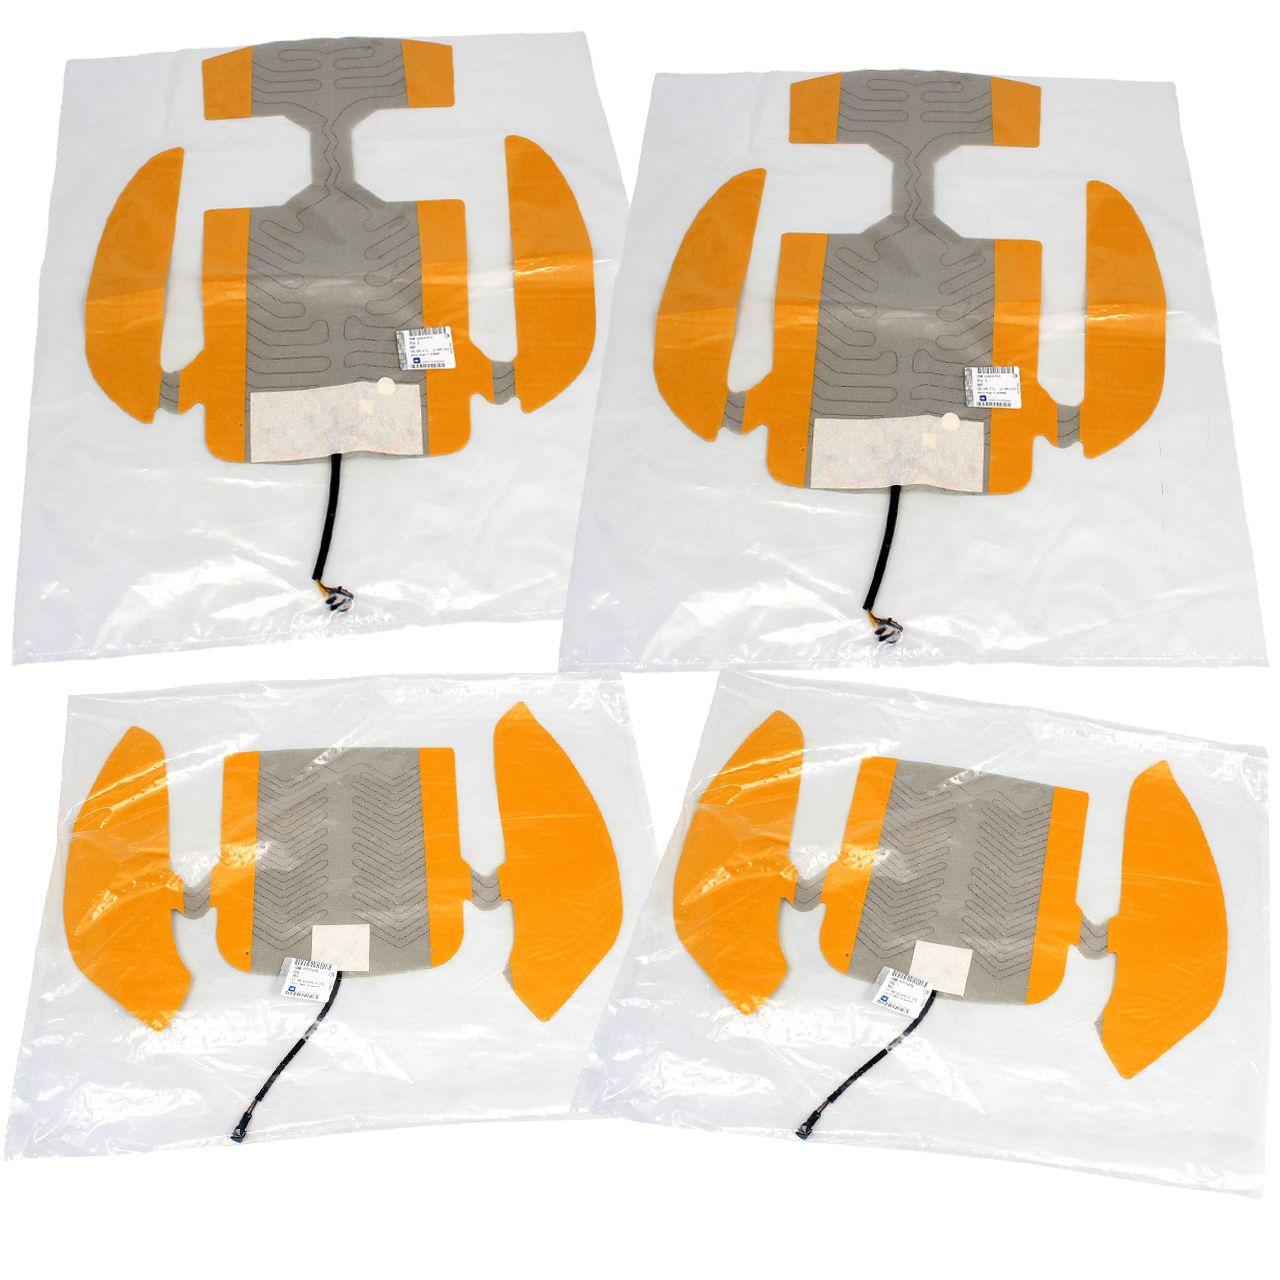 4x ORIGINAL Opel Sitzheizung Satz INSIGNIA A G09 Rückenlehne + Sitzfläche vorne